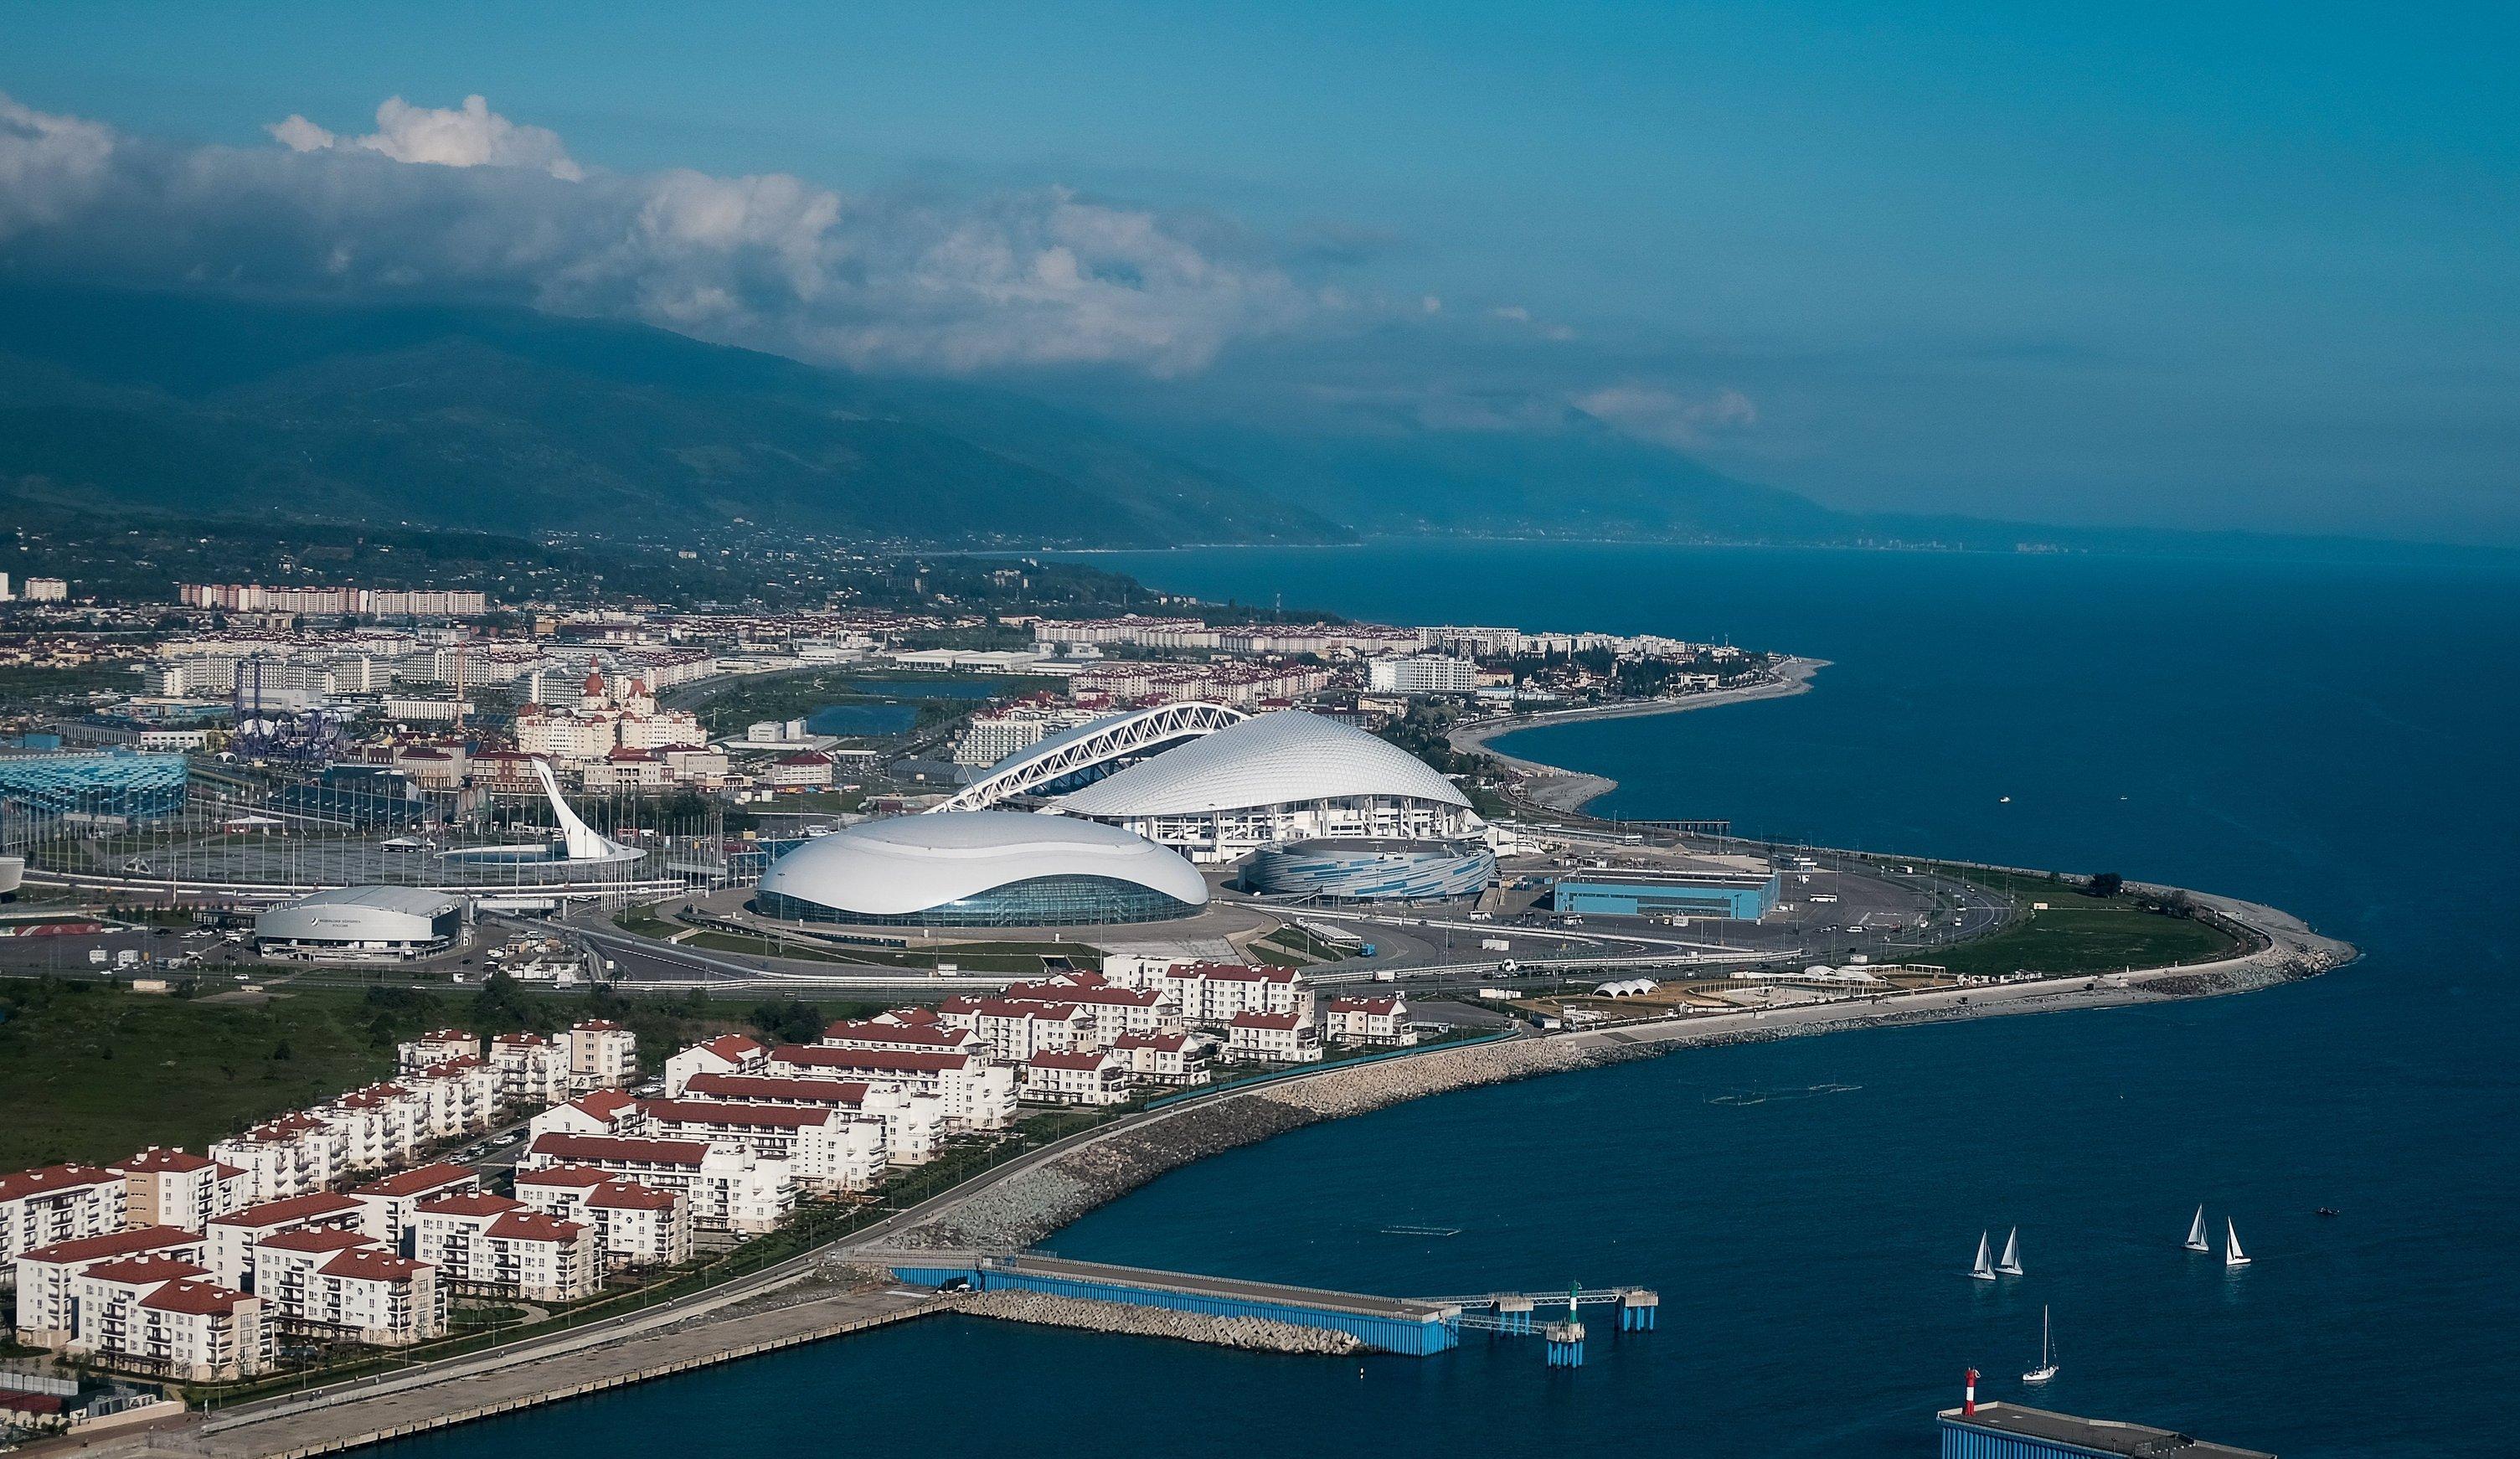 El parque olímpico en Sochi